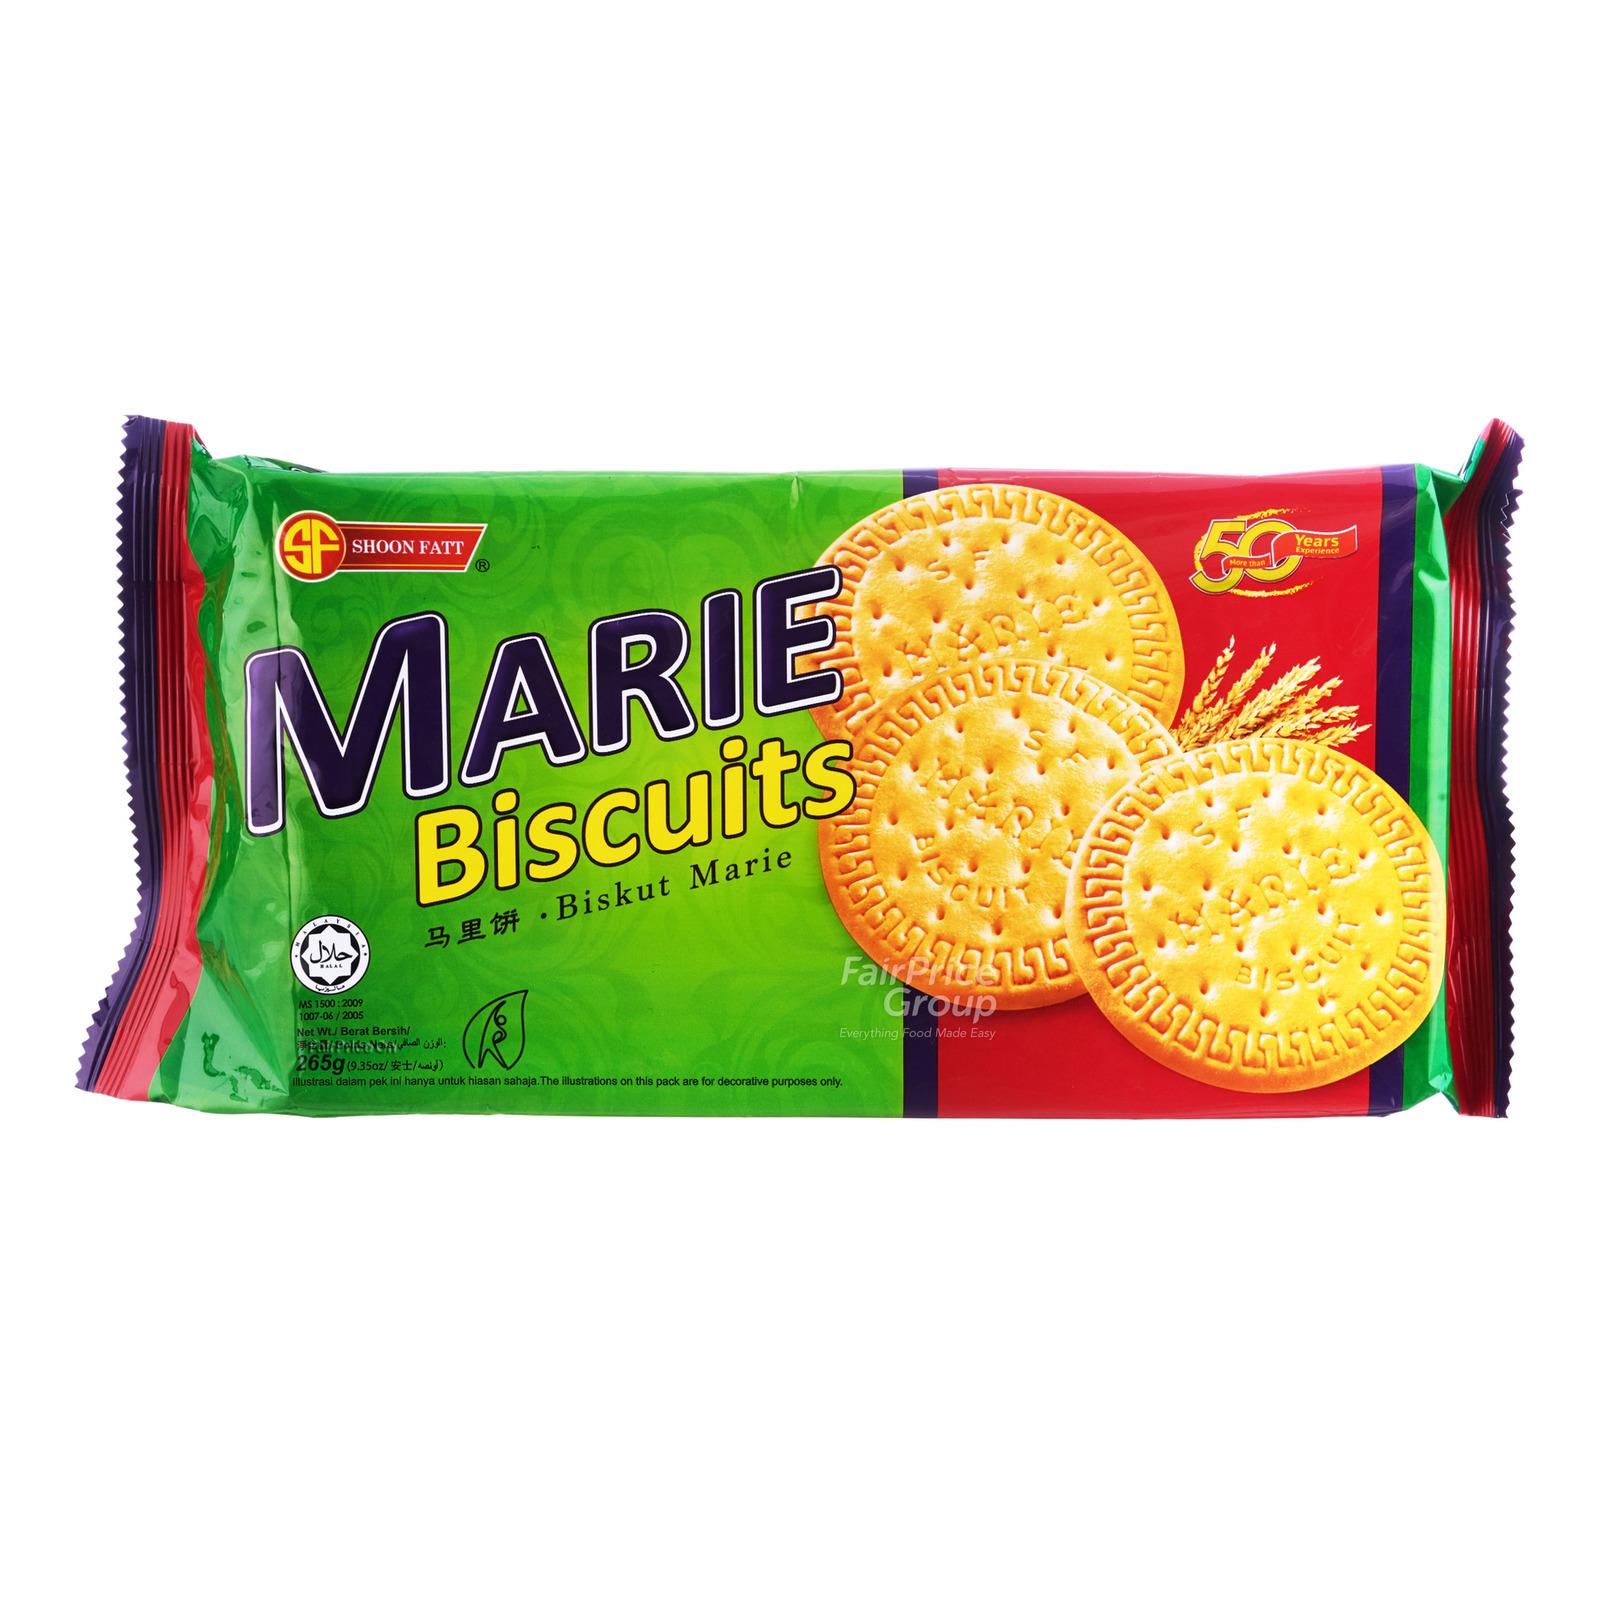 Shoon Fatt Marie Biscuit